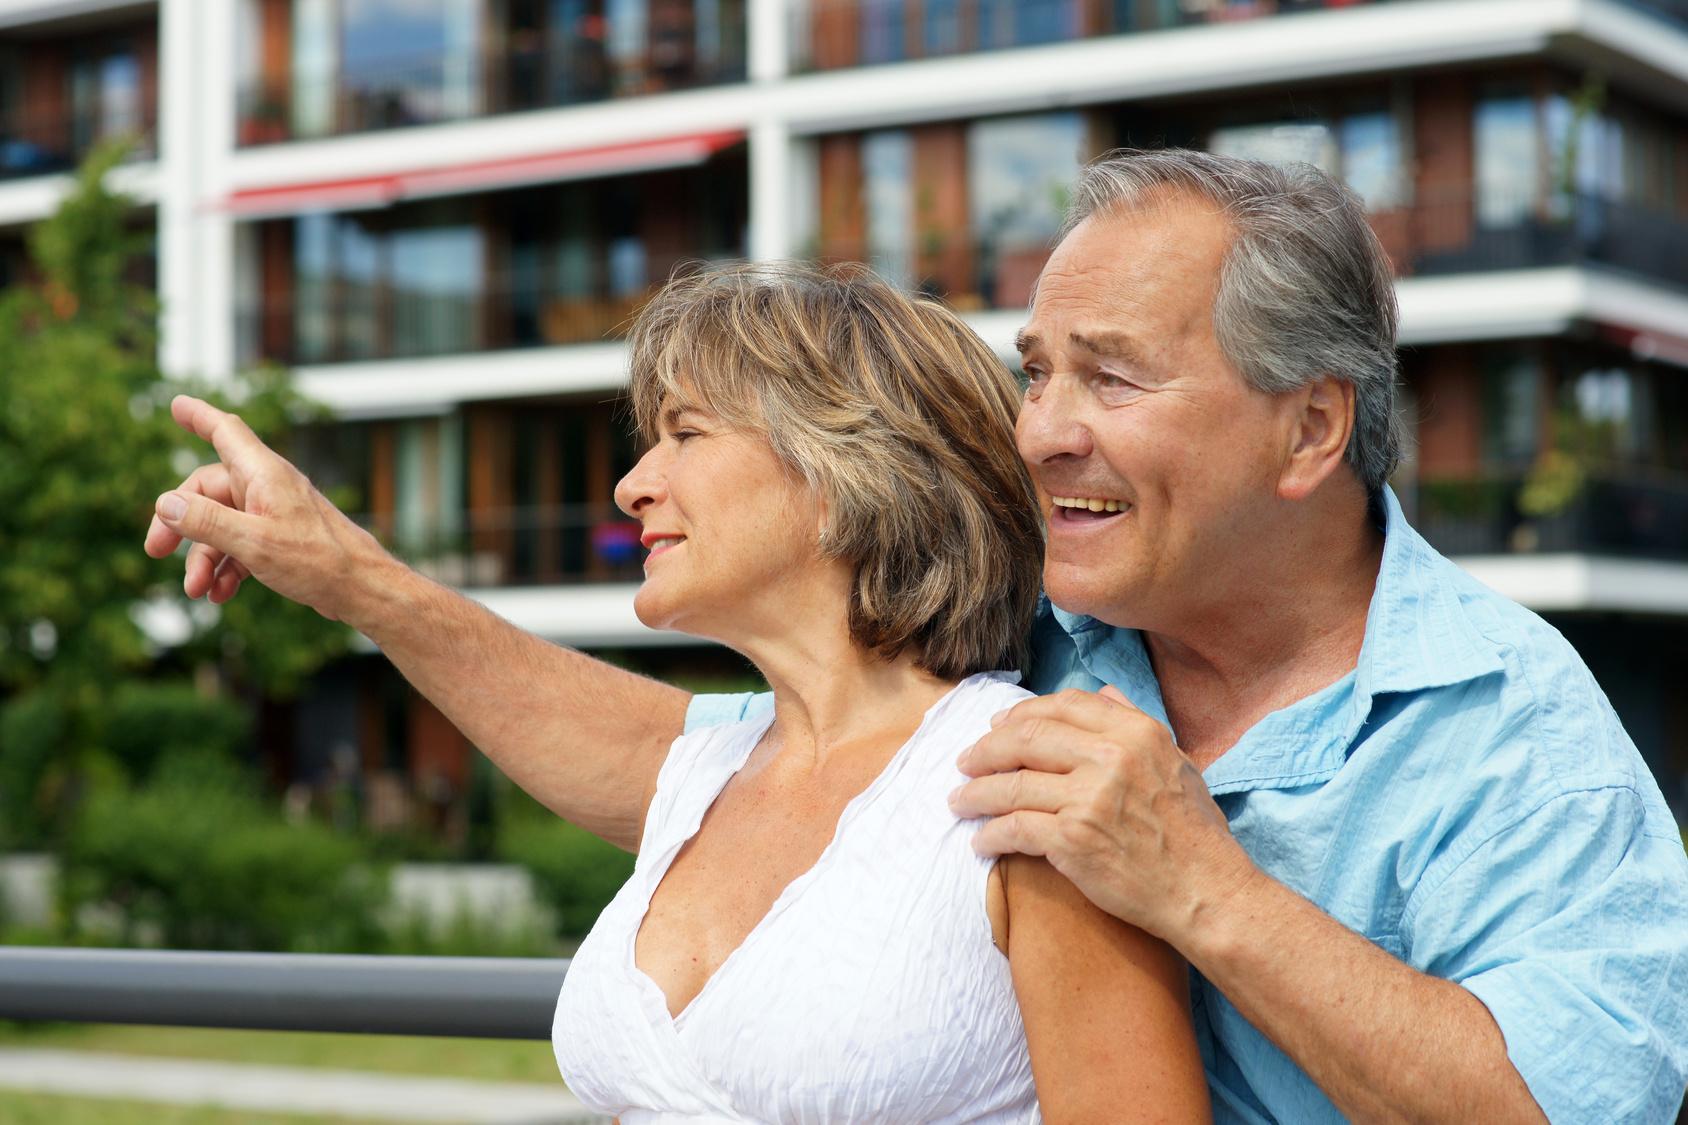 Ratgeber betreutes Wohnen, Servicewohnen, Infos und Tipps. Wohnungssuche für Senioren und 60+